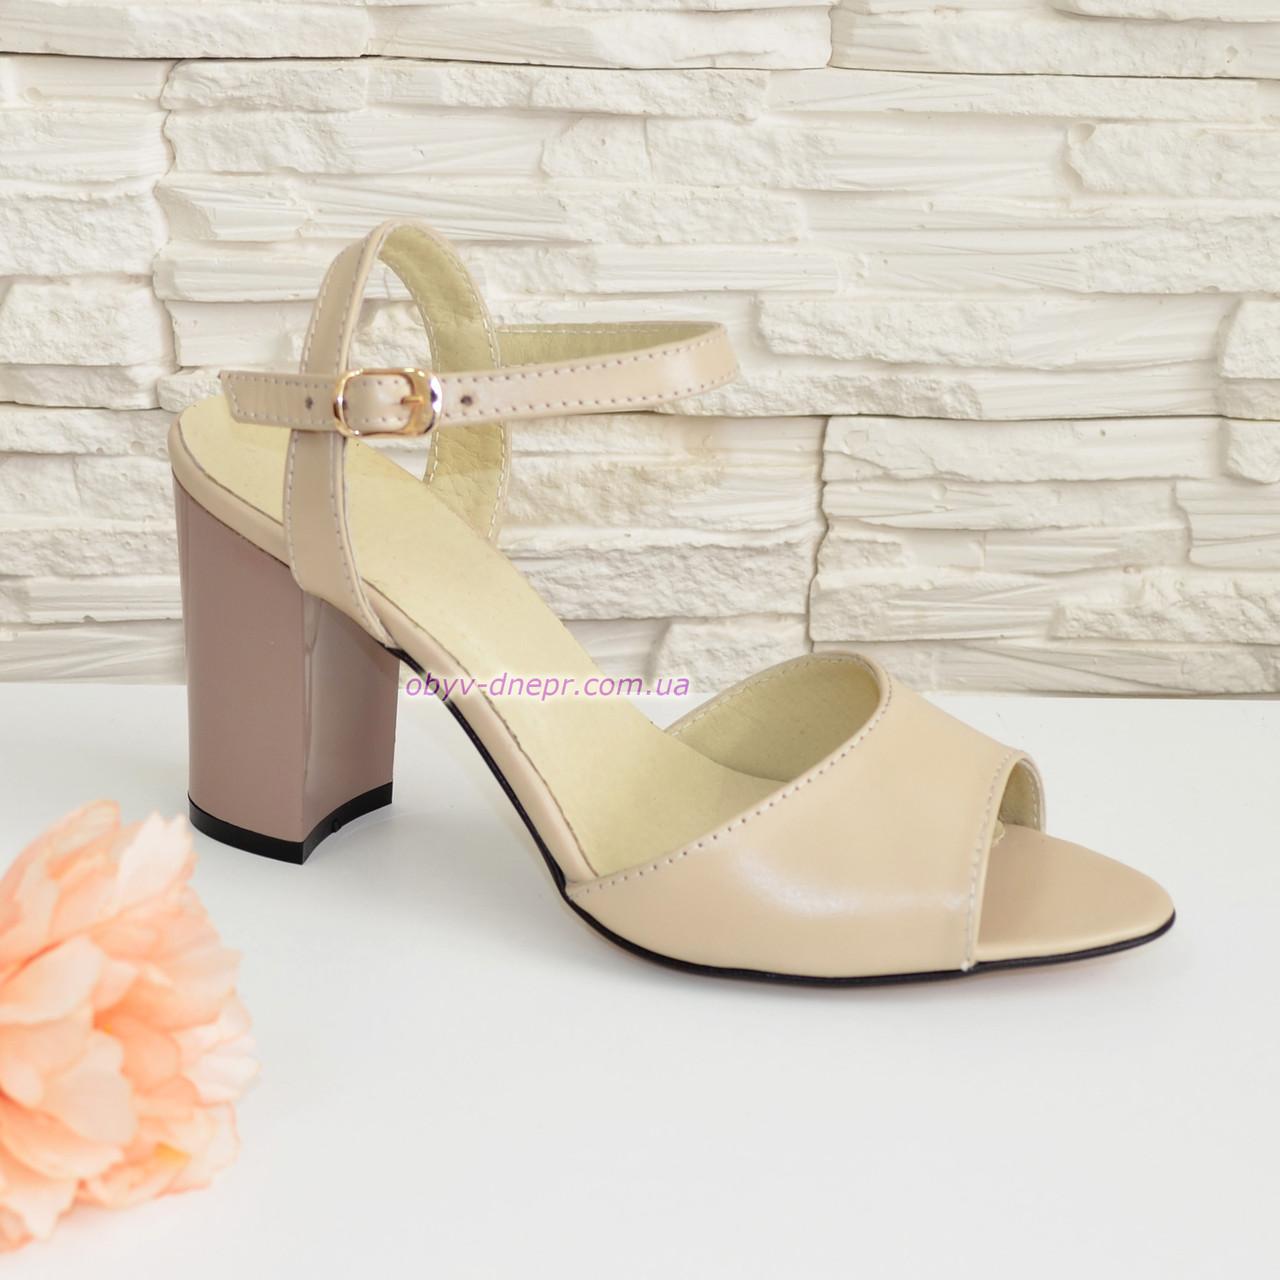 Женские кожаные босоножки на устойчивом каблуке, цвет бежевый.